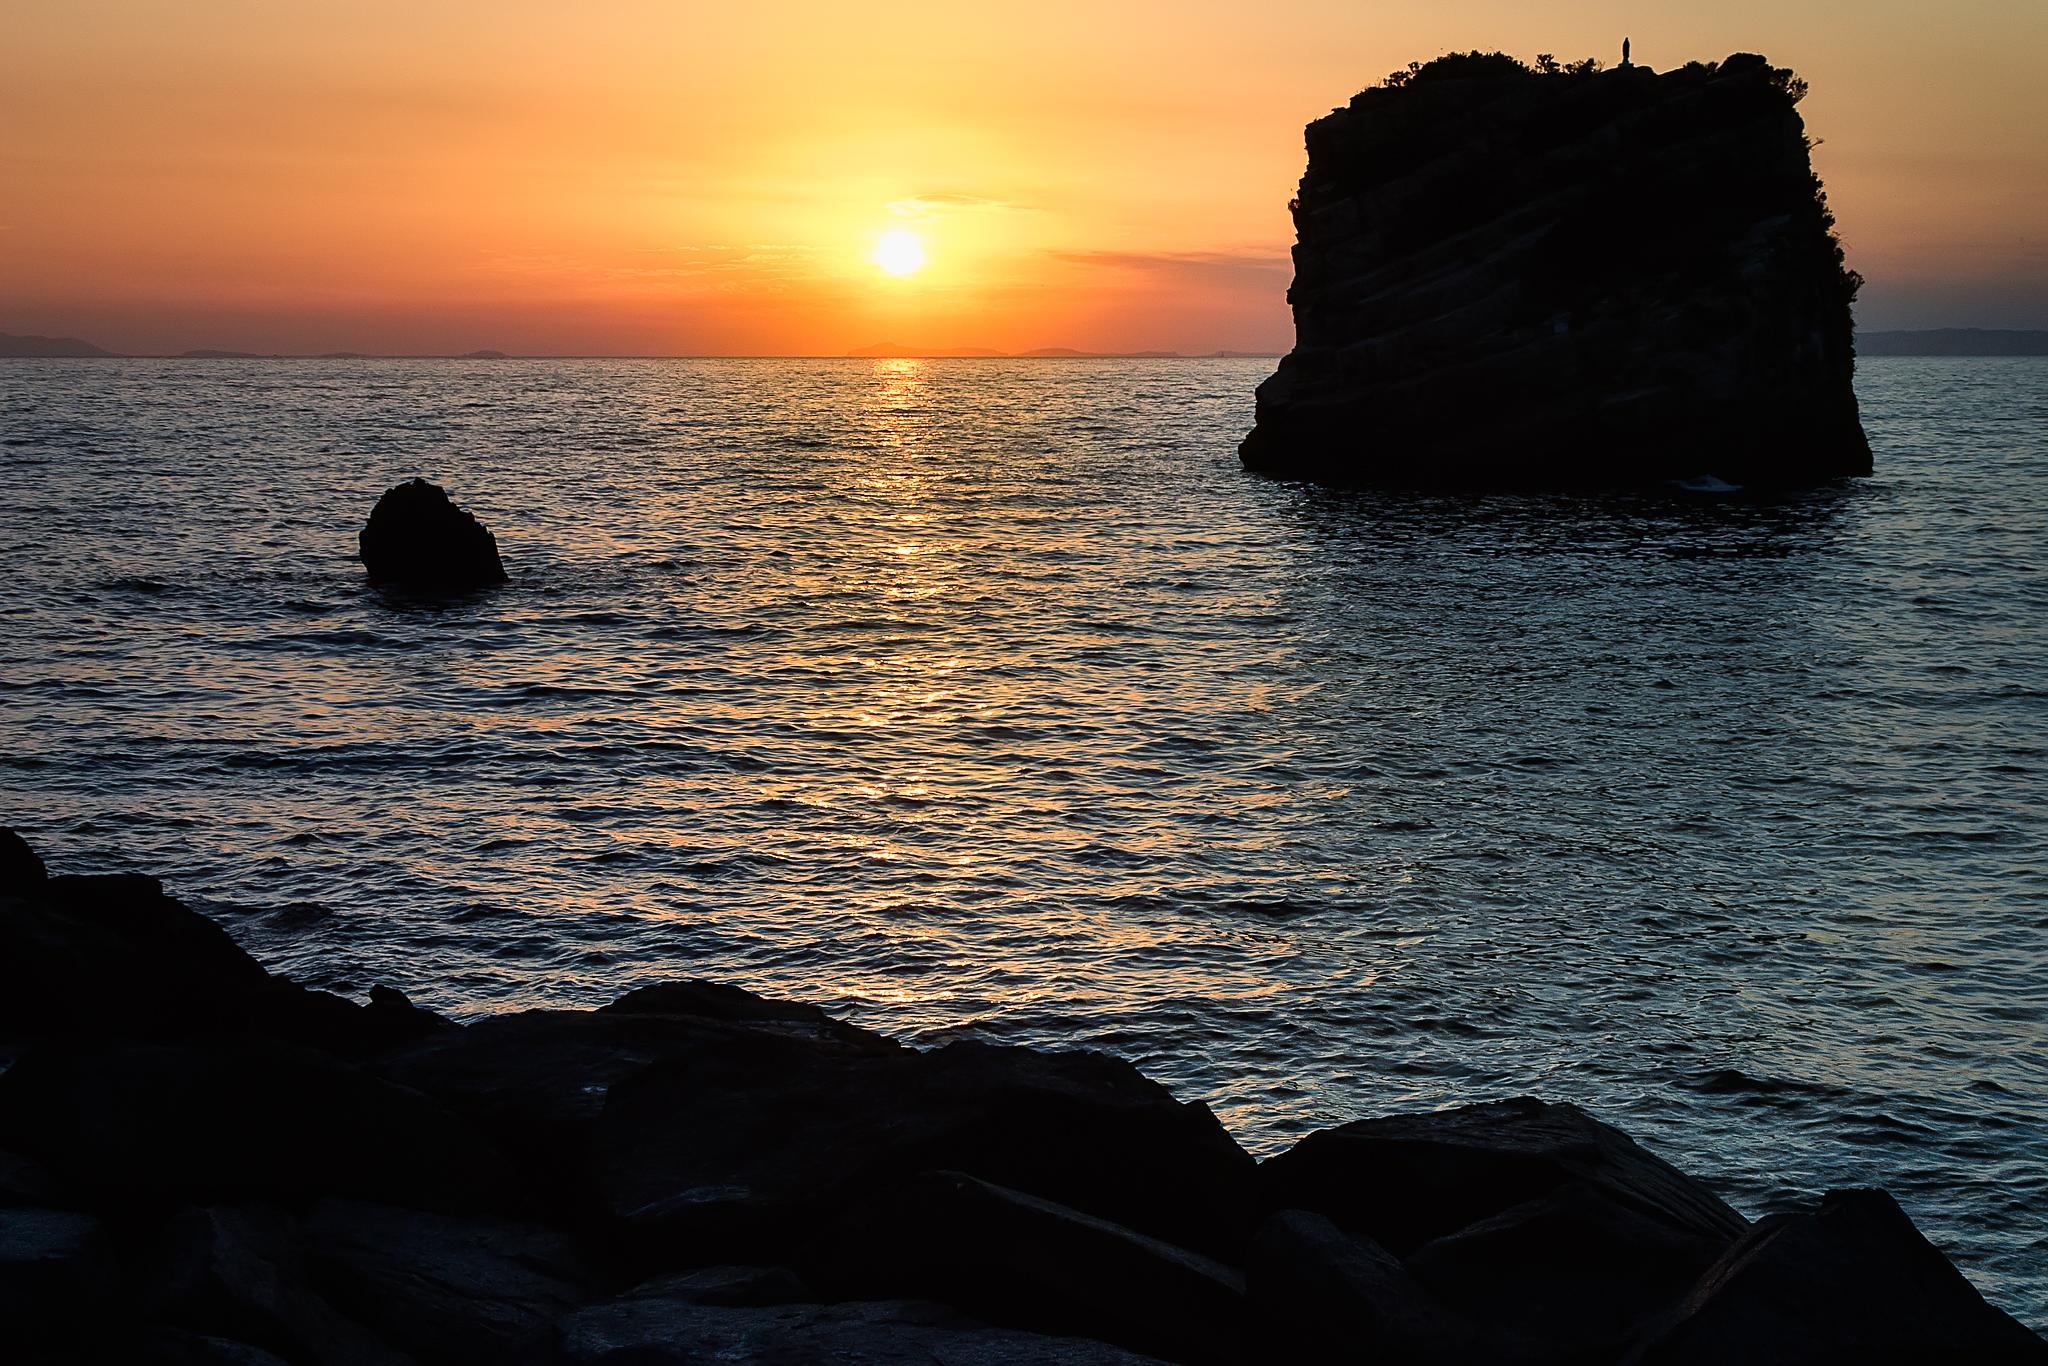 Sunset from Sorrento coast by Francesco Grasso Fotografia